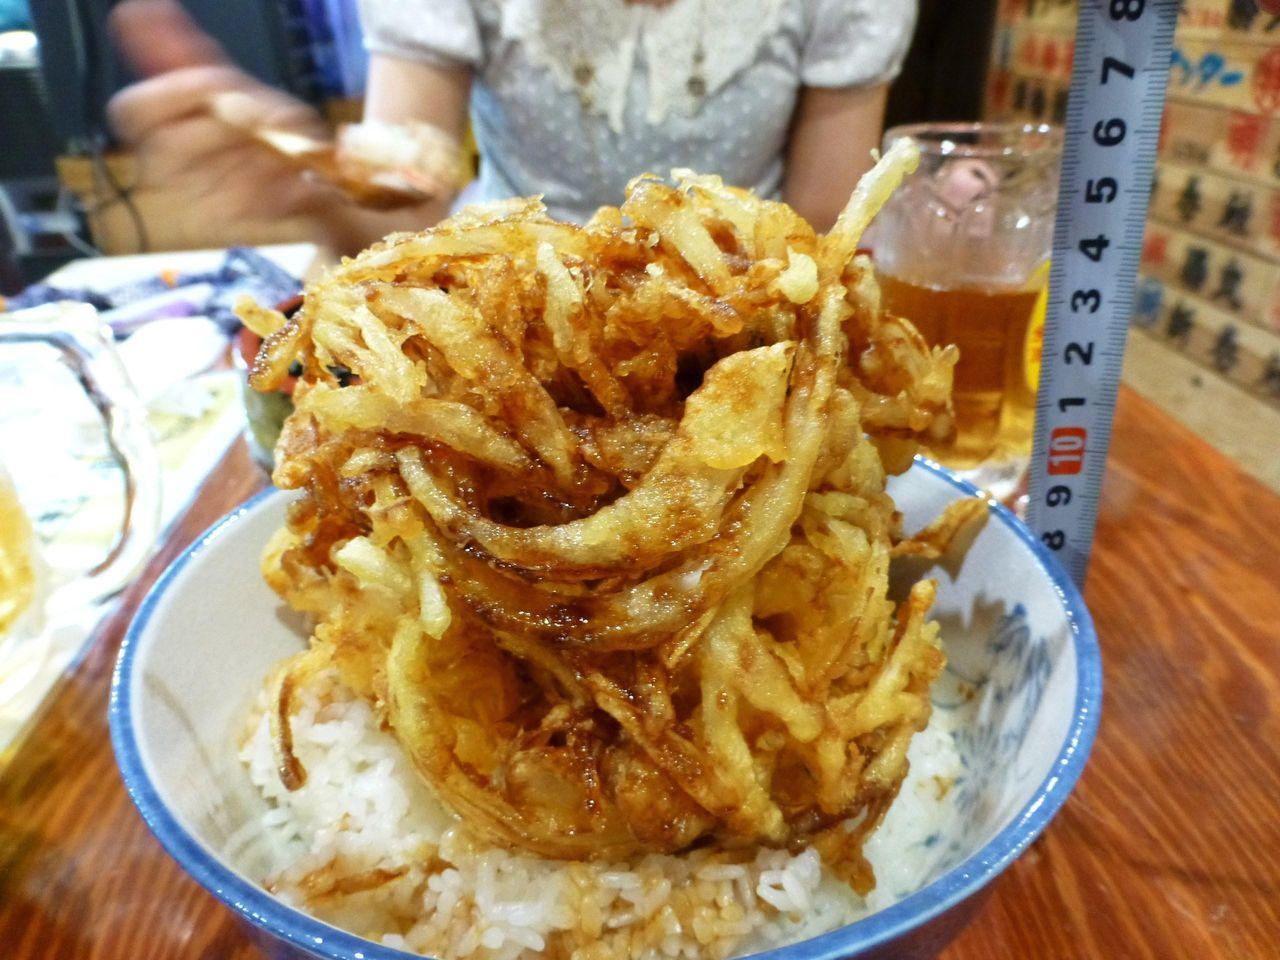 大漁かき揚げ丼の高さは・・・な・なんと17センチ!